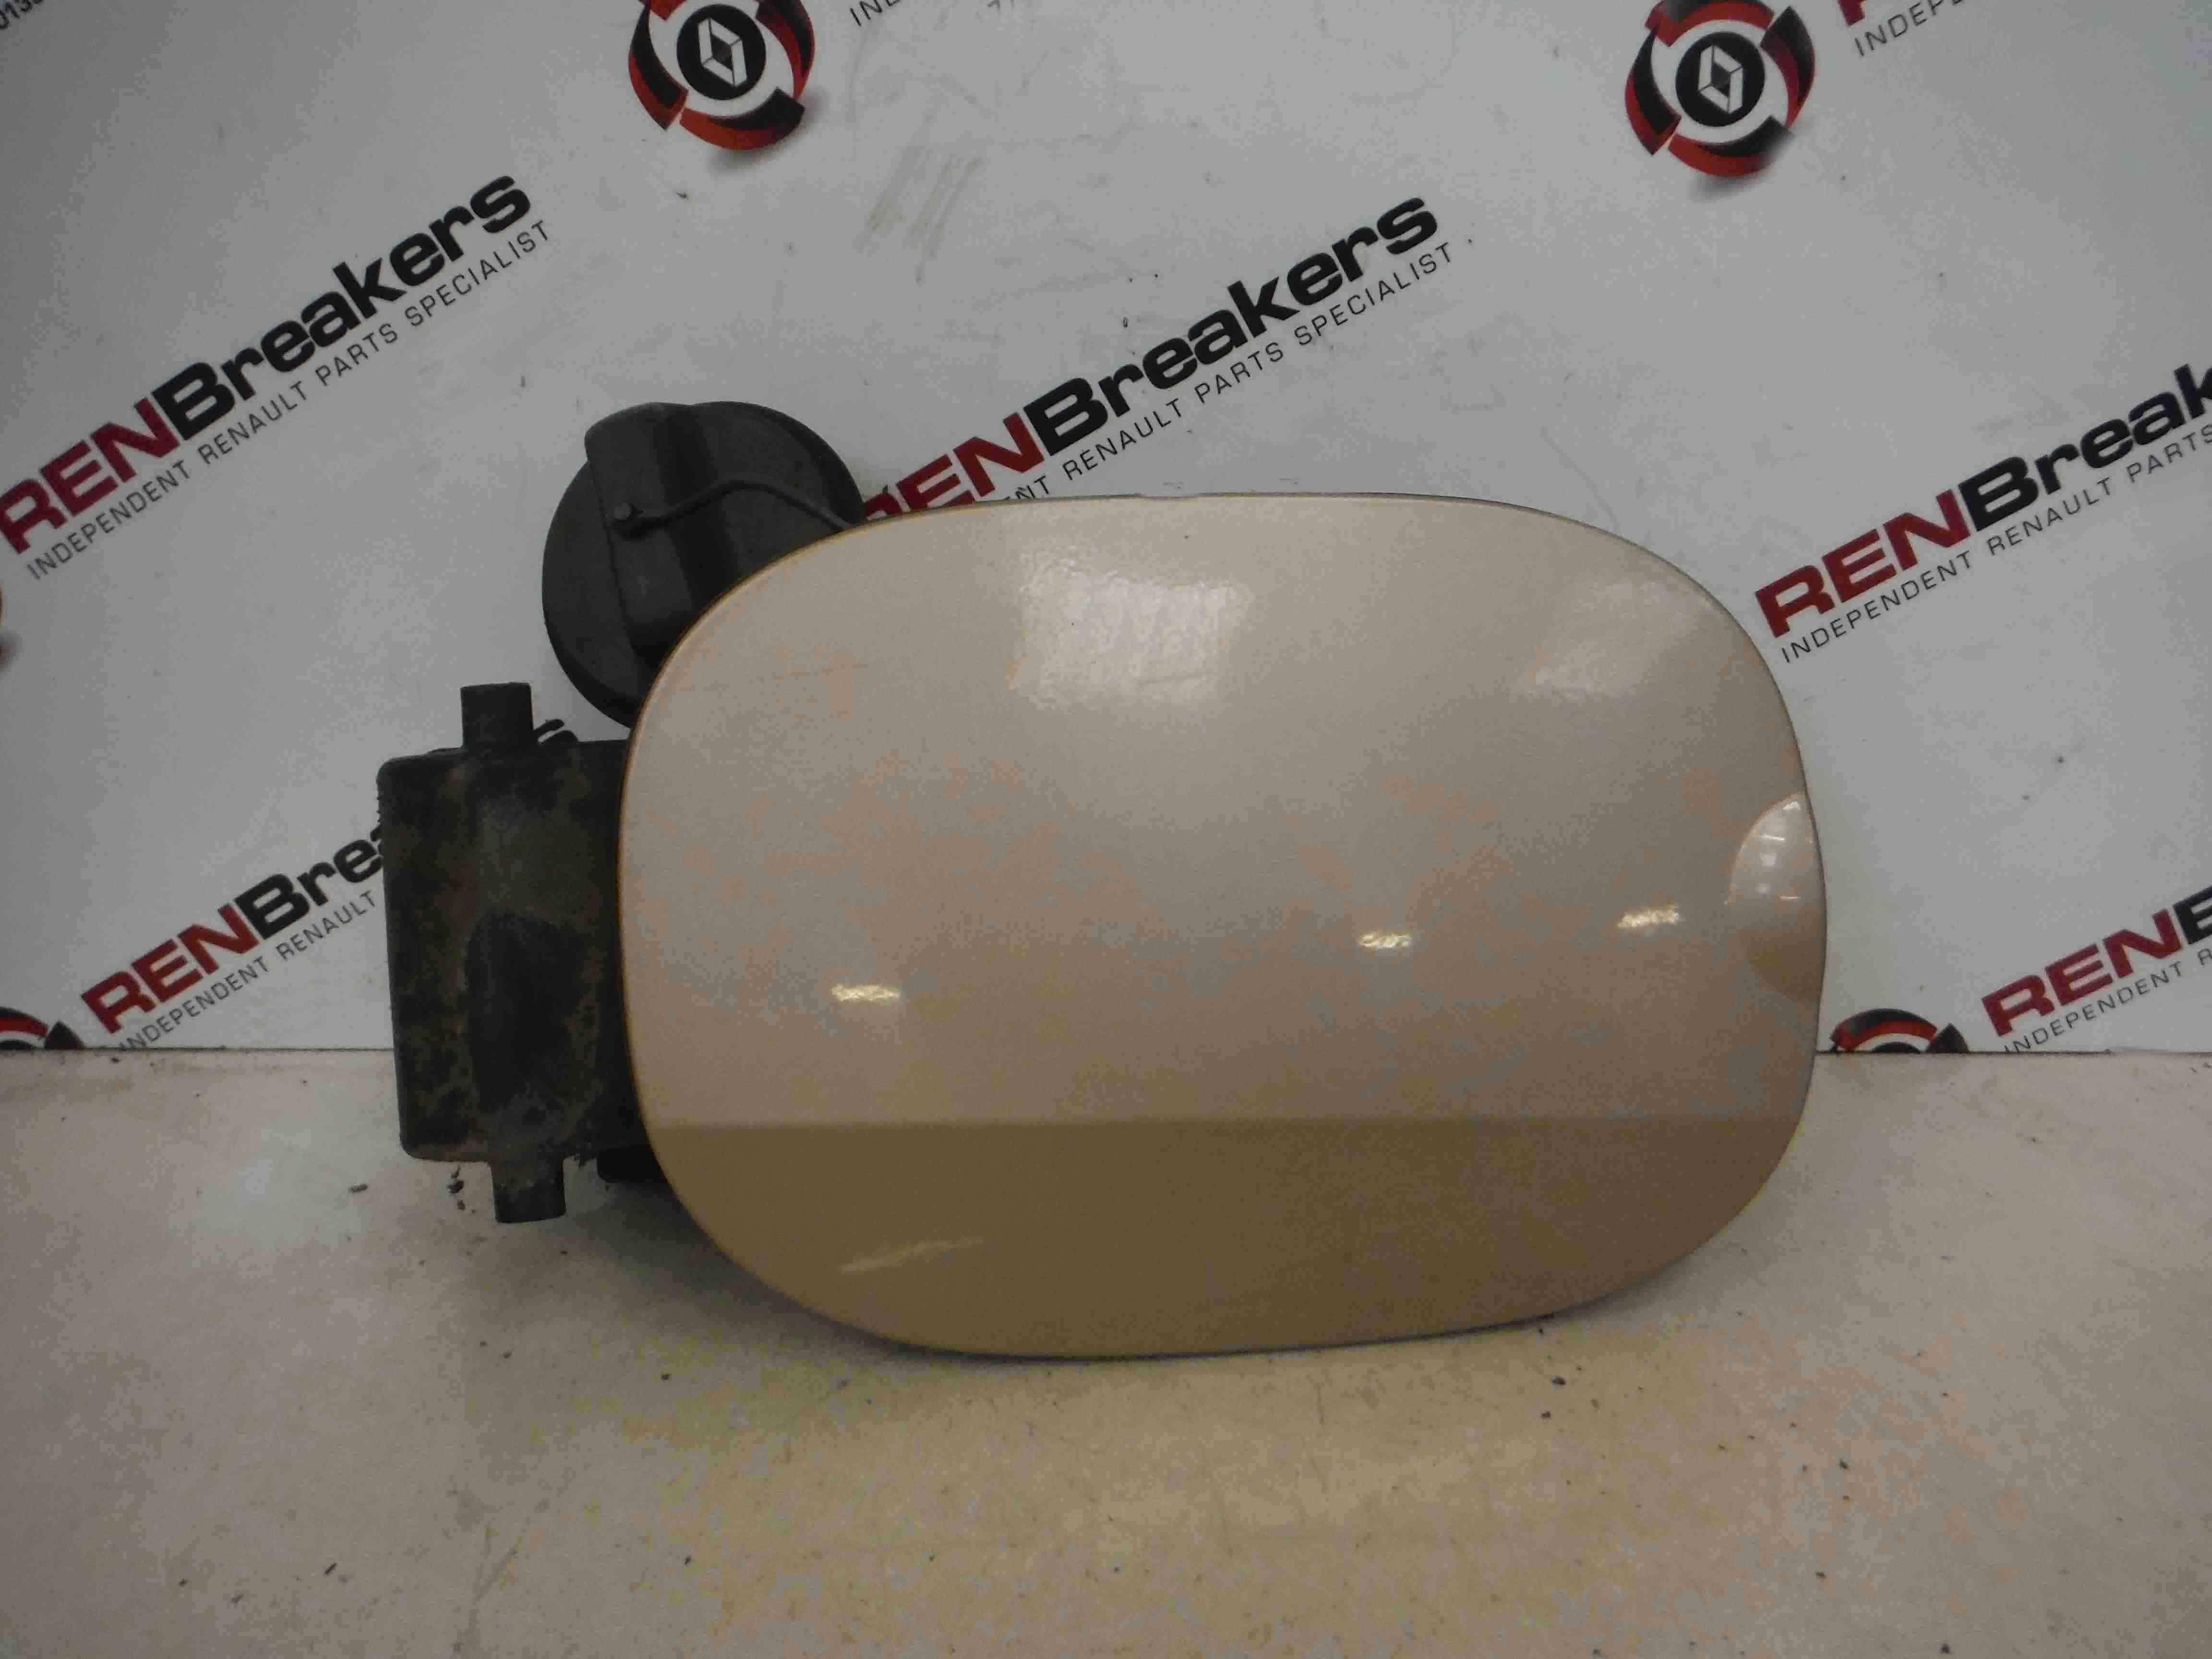 Renault Modus 2004-2008 Petrol Diesel Fuel Flap Cap Cover Hinge Gold Beige TED12